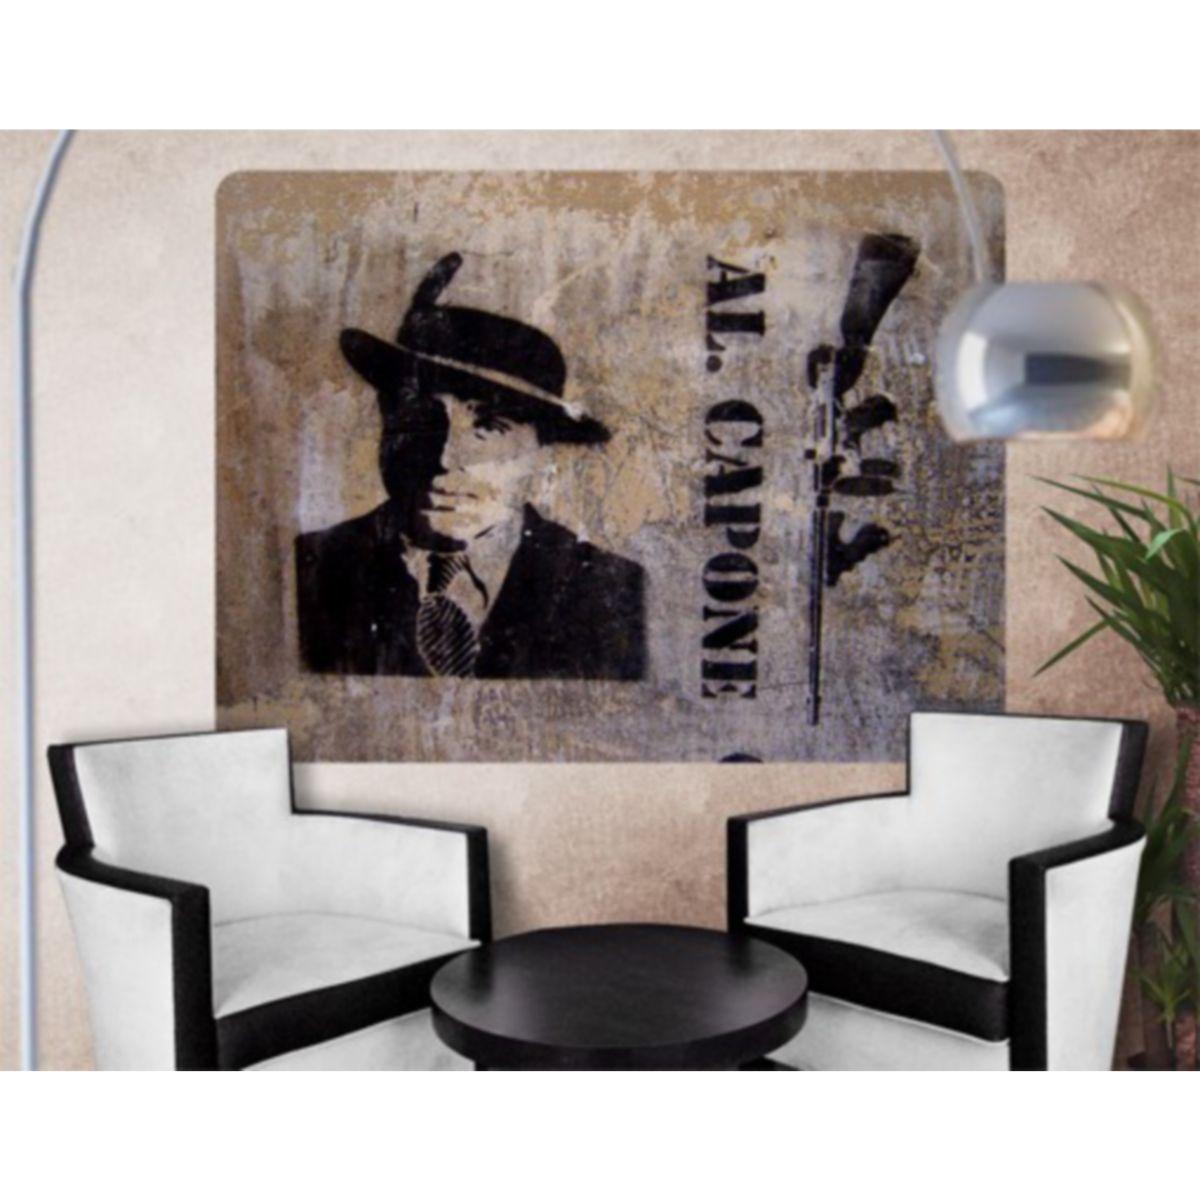 Selbstklebendes Wandbild Al Capone